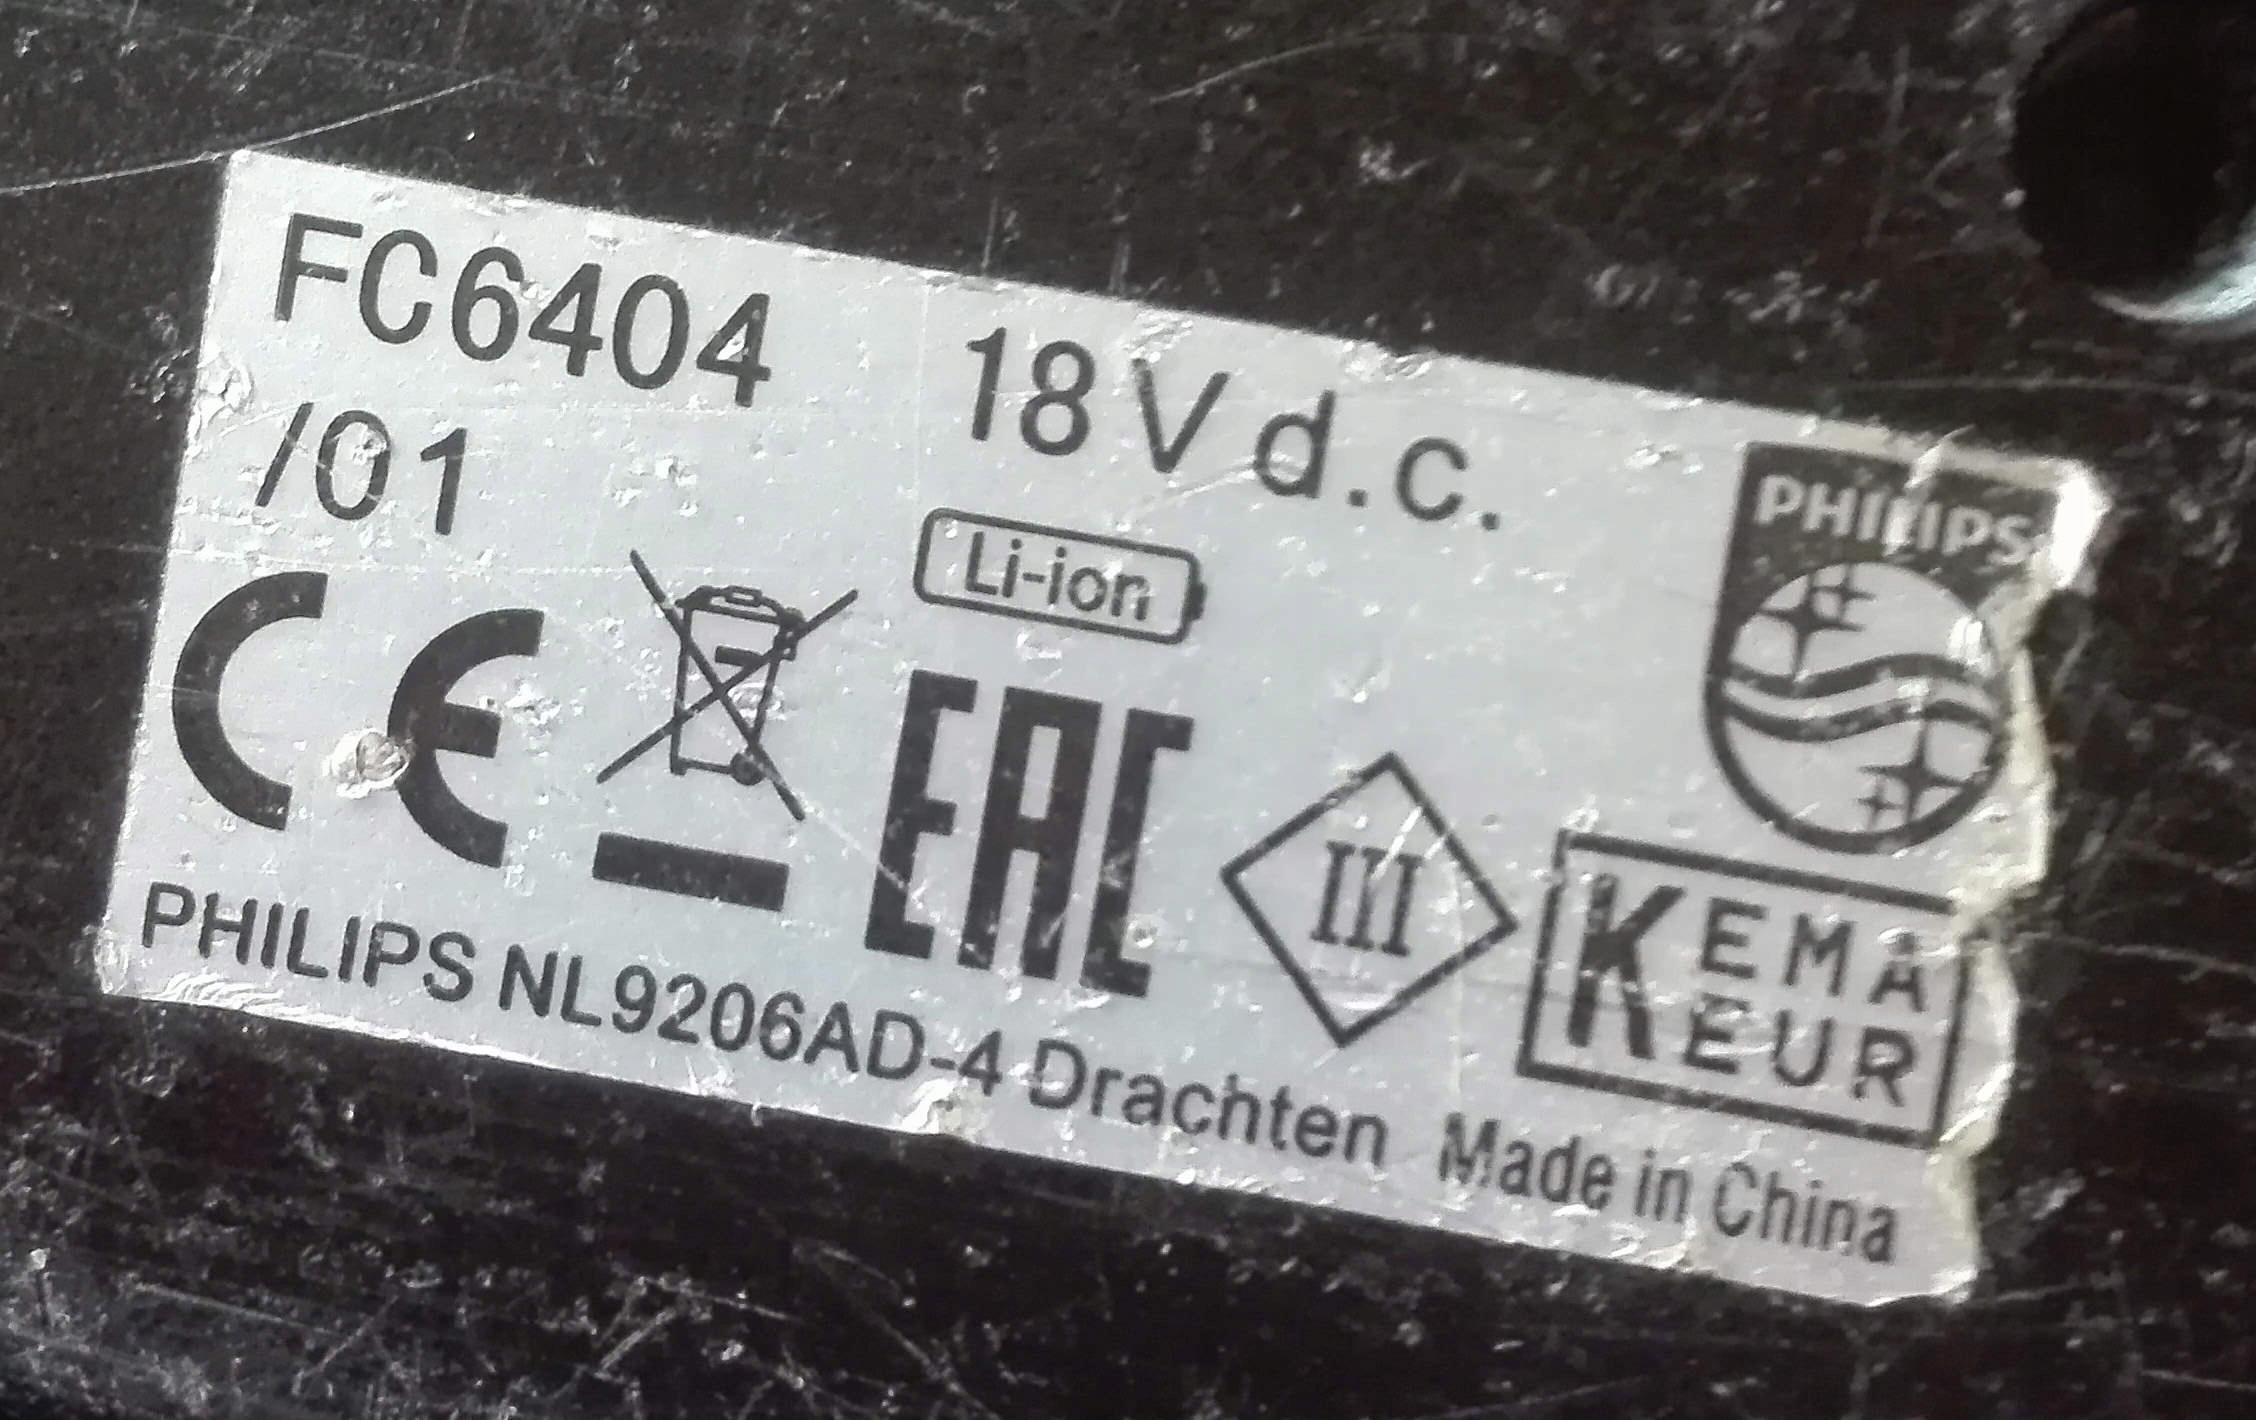 ładowarka Philips PowerPro Duo 2-in-1 FC6169/01/F Producent XTD